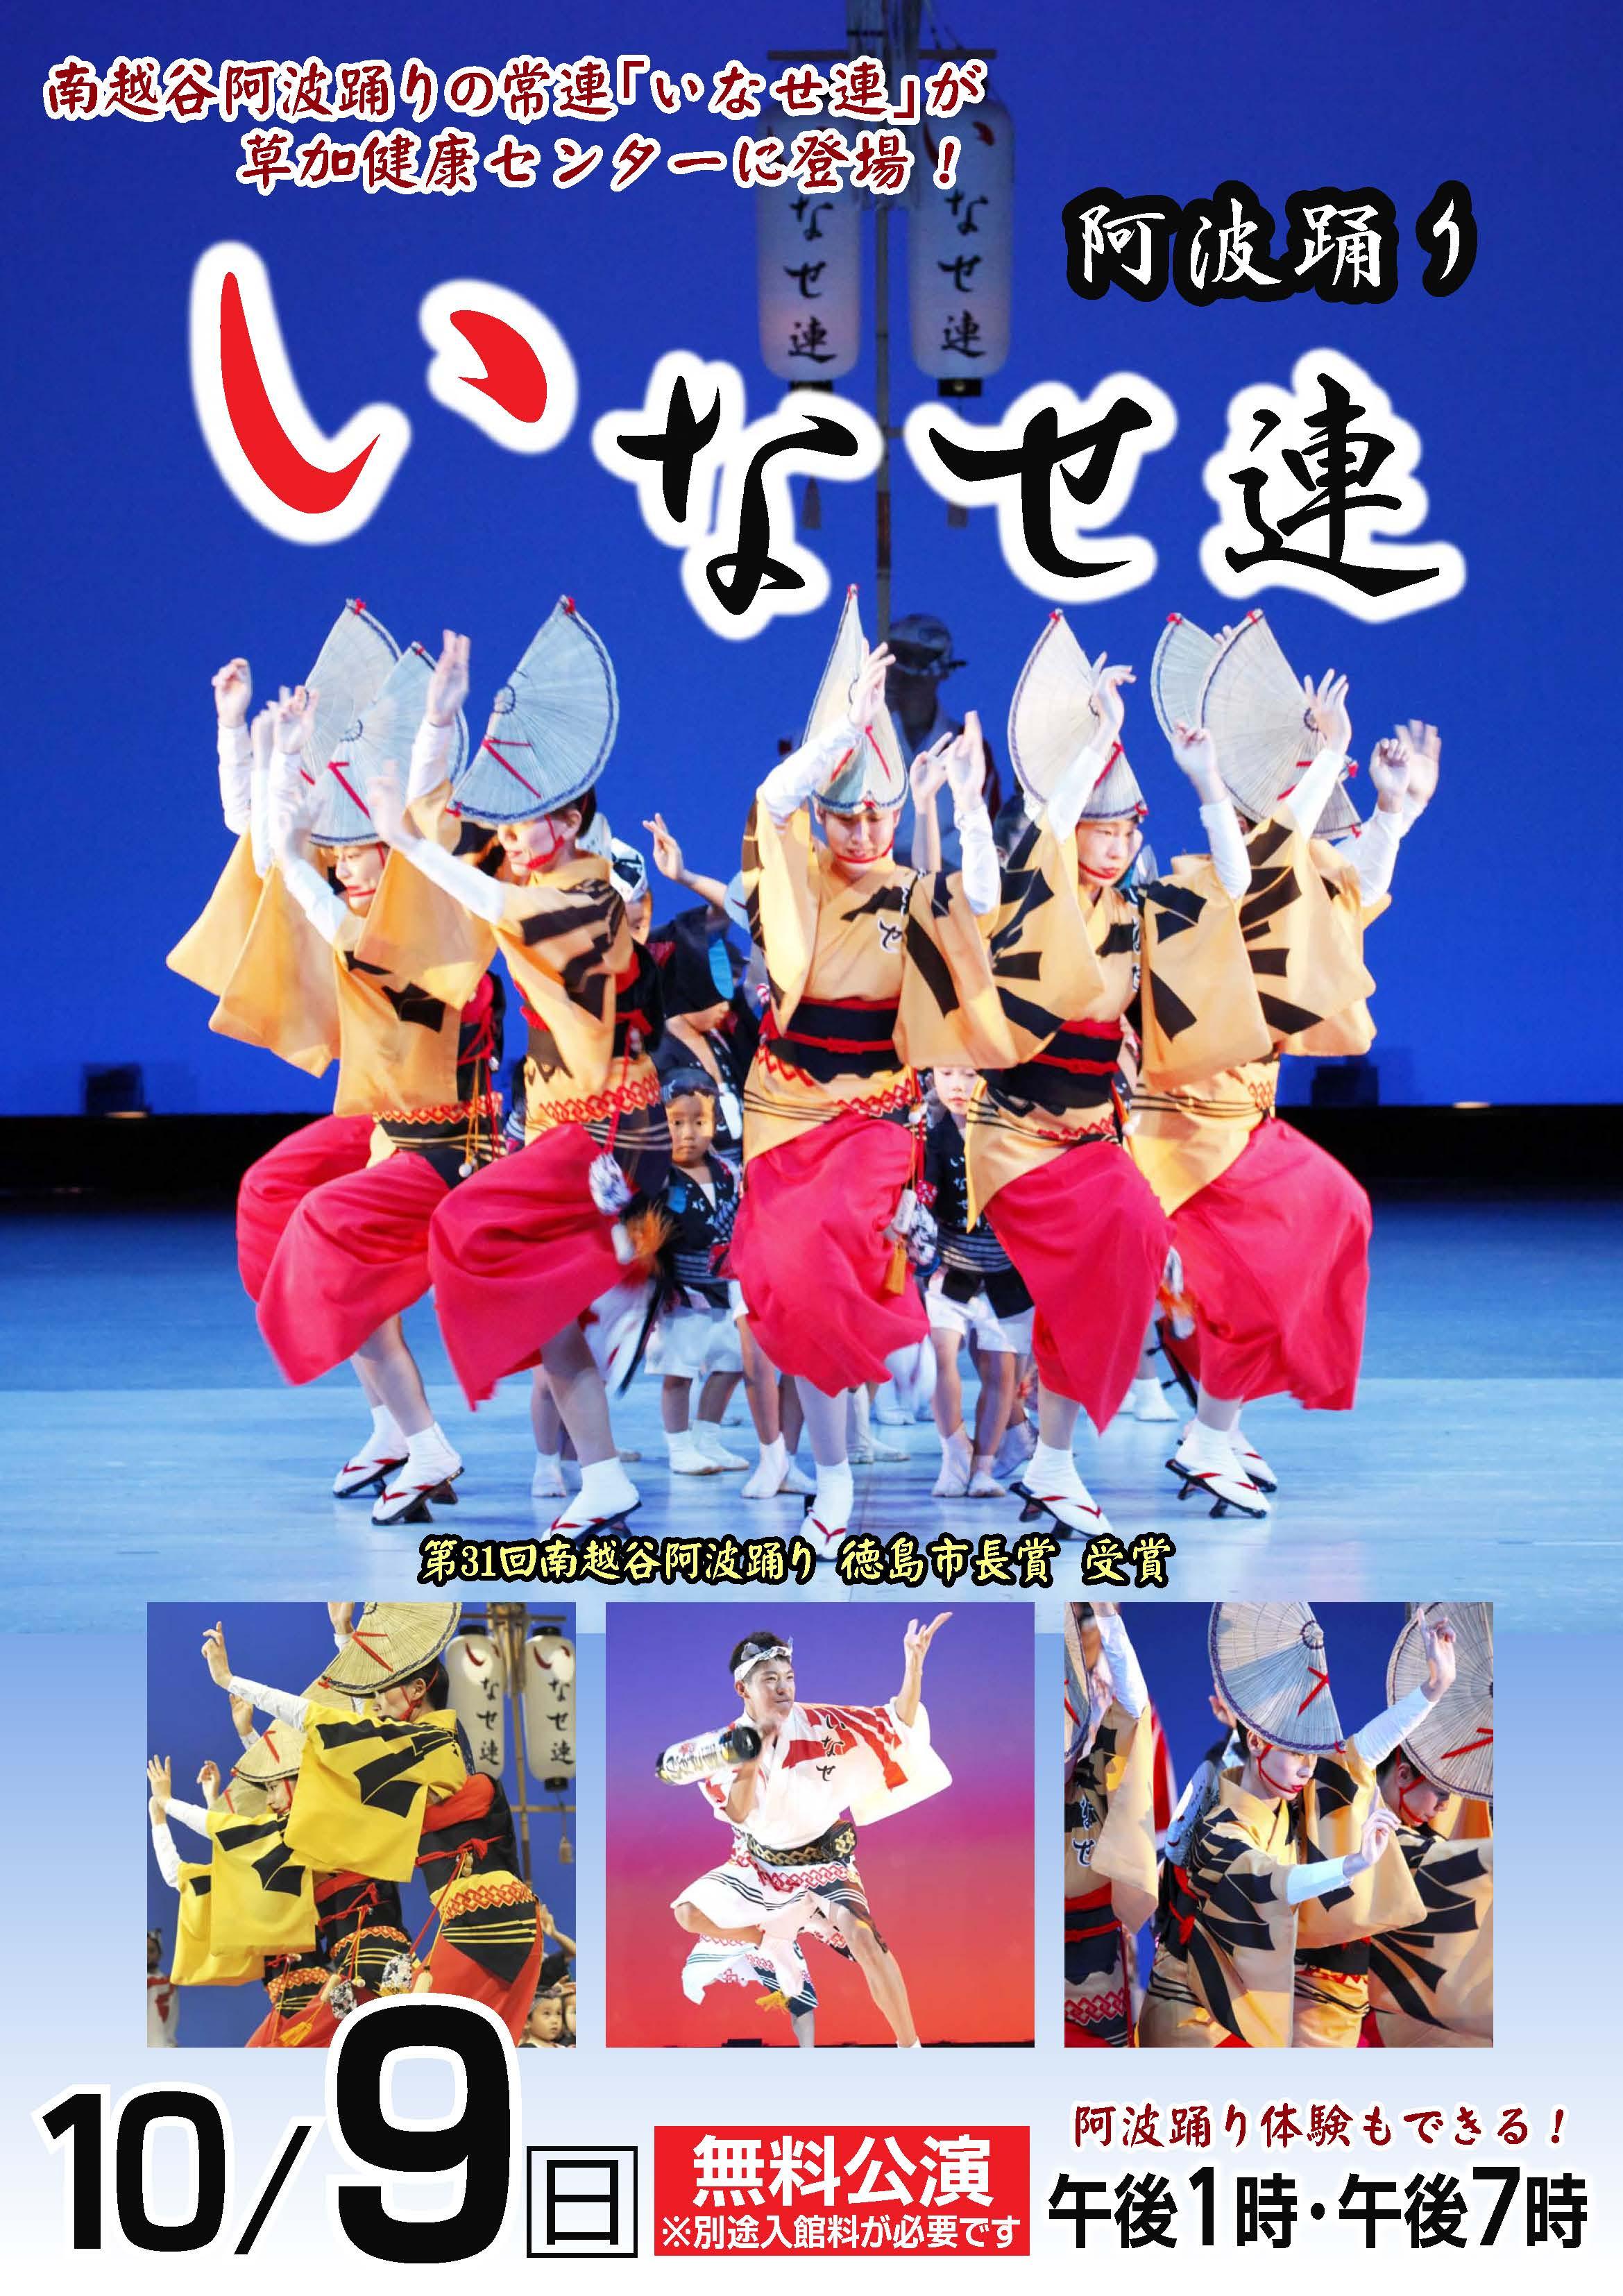 いなせ連ポスター_A3